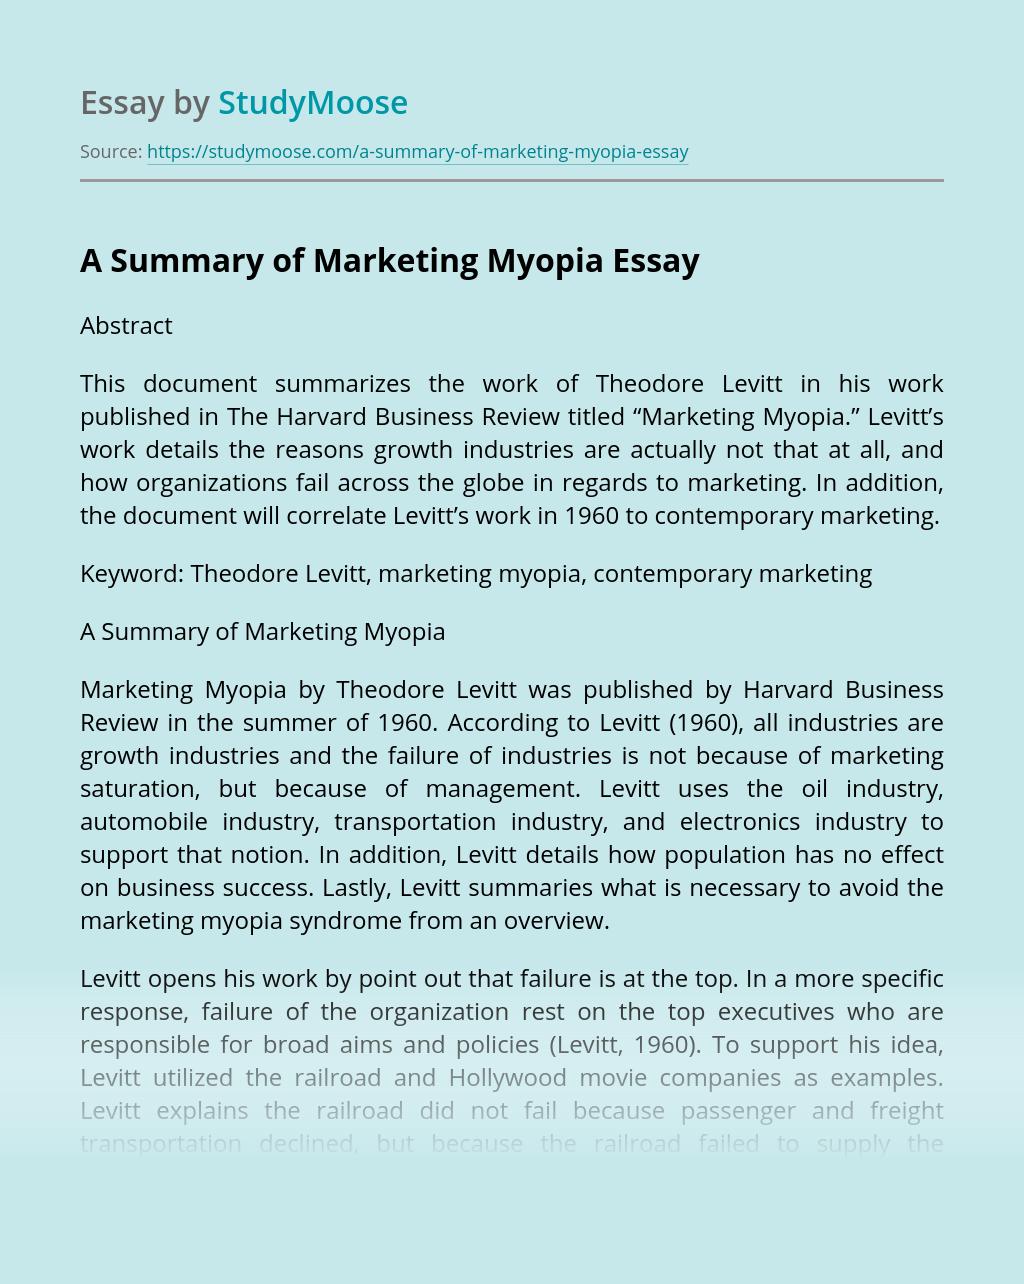 A Summary of Marketing Myopia